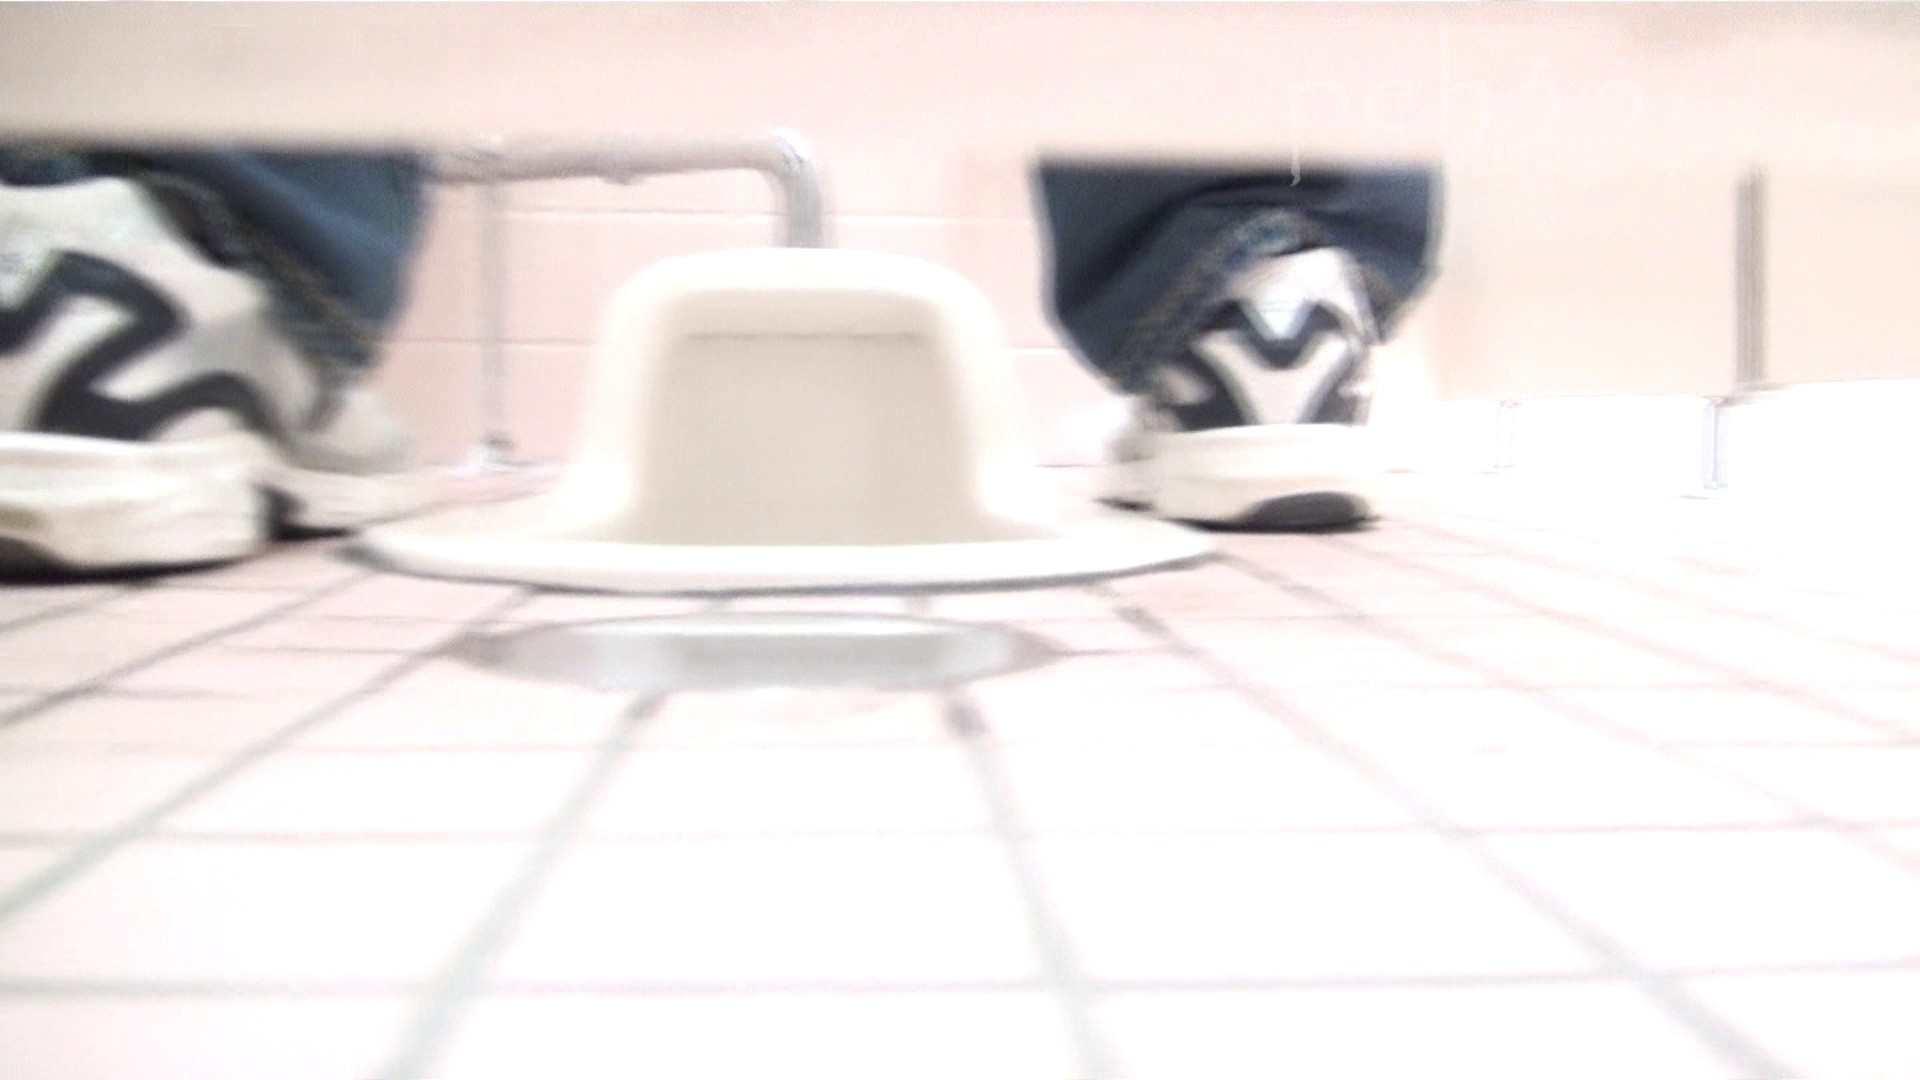 ※100個限定販売 至高下半身盗撮 プレミアム Vol.33 ハイビジョン 名作殿堂動画 オメコ動画キャプチャ 93枚 14